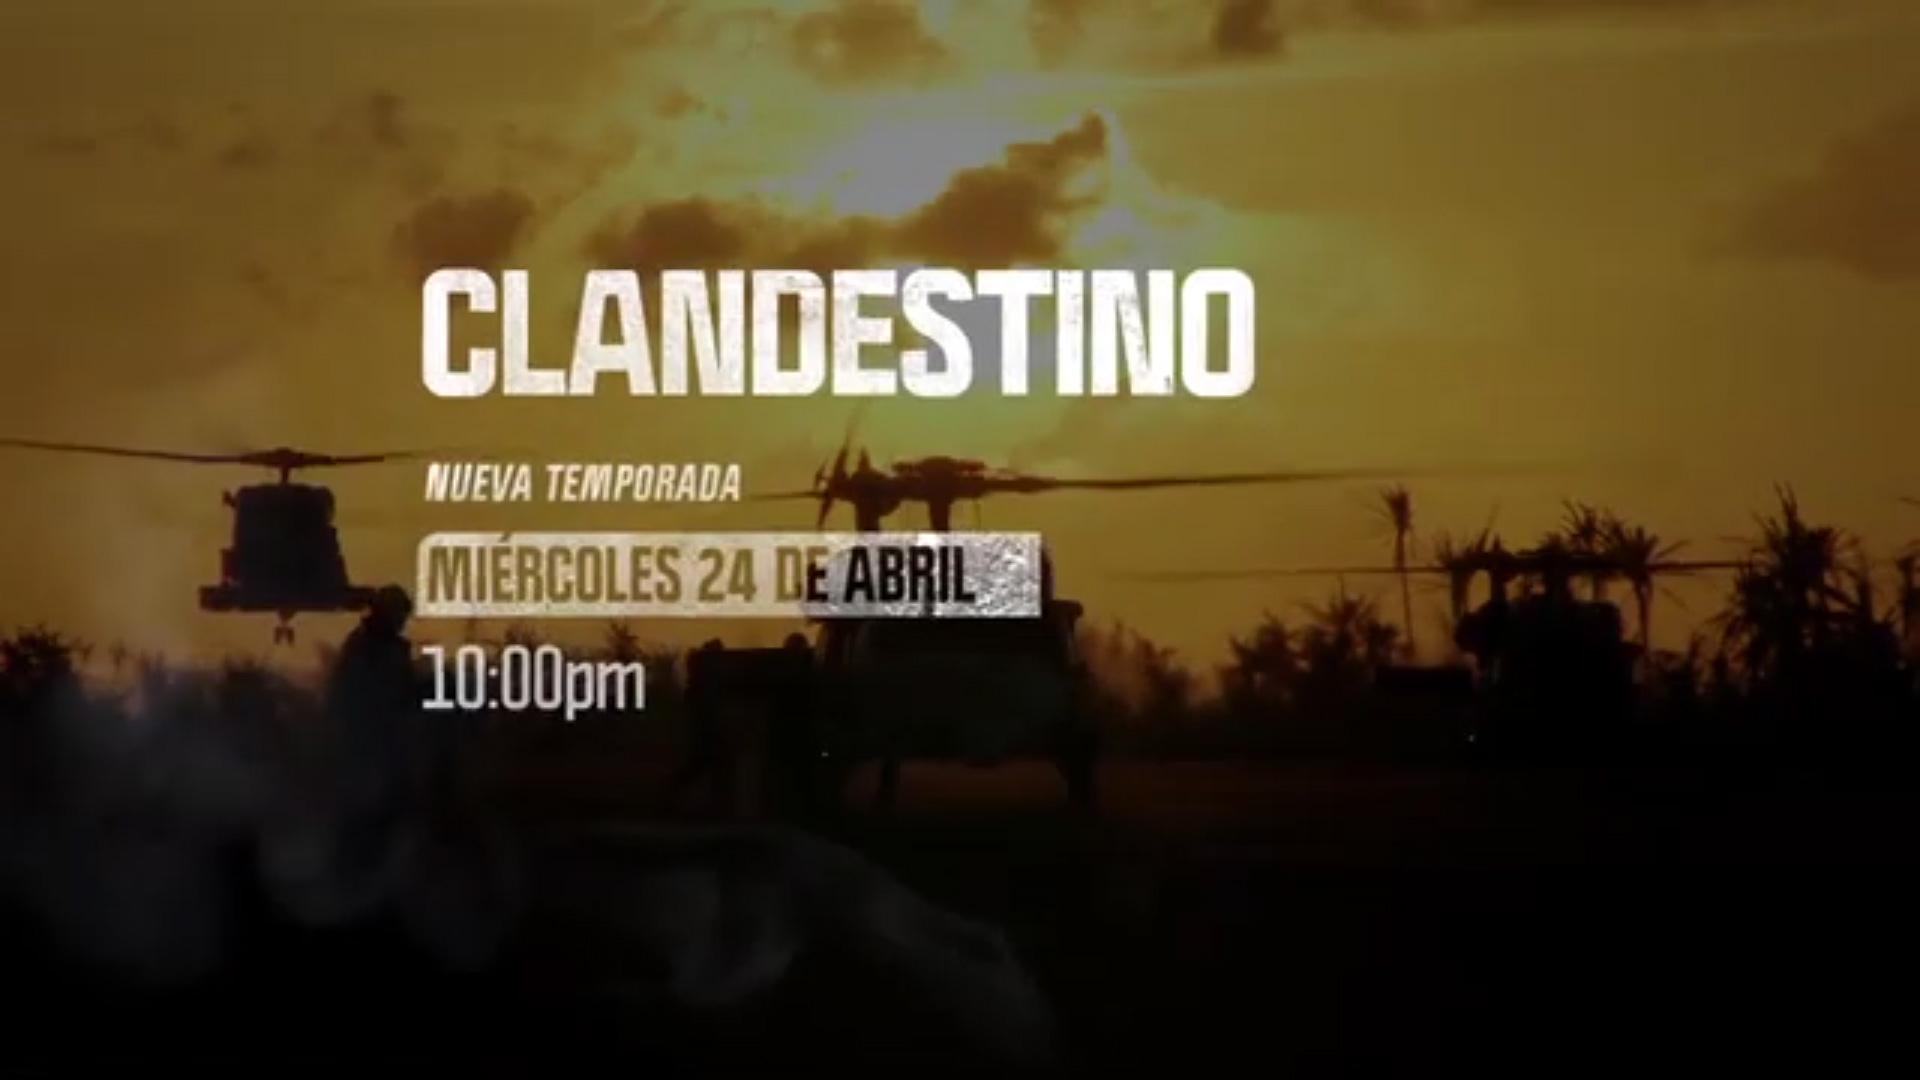 Discovery estrena la nueva temporada de Clandestino con David Beriain